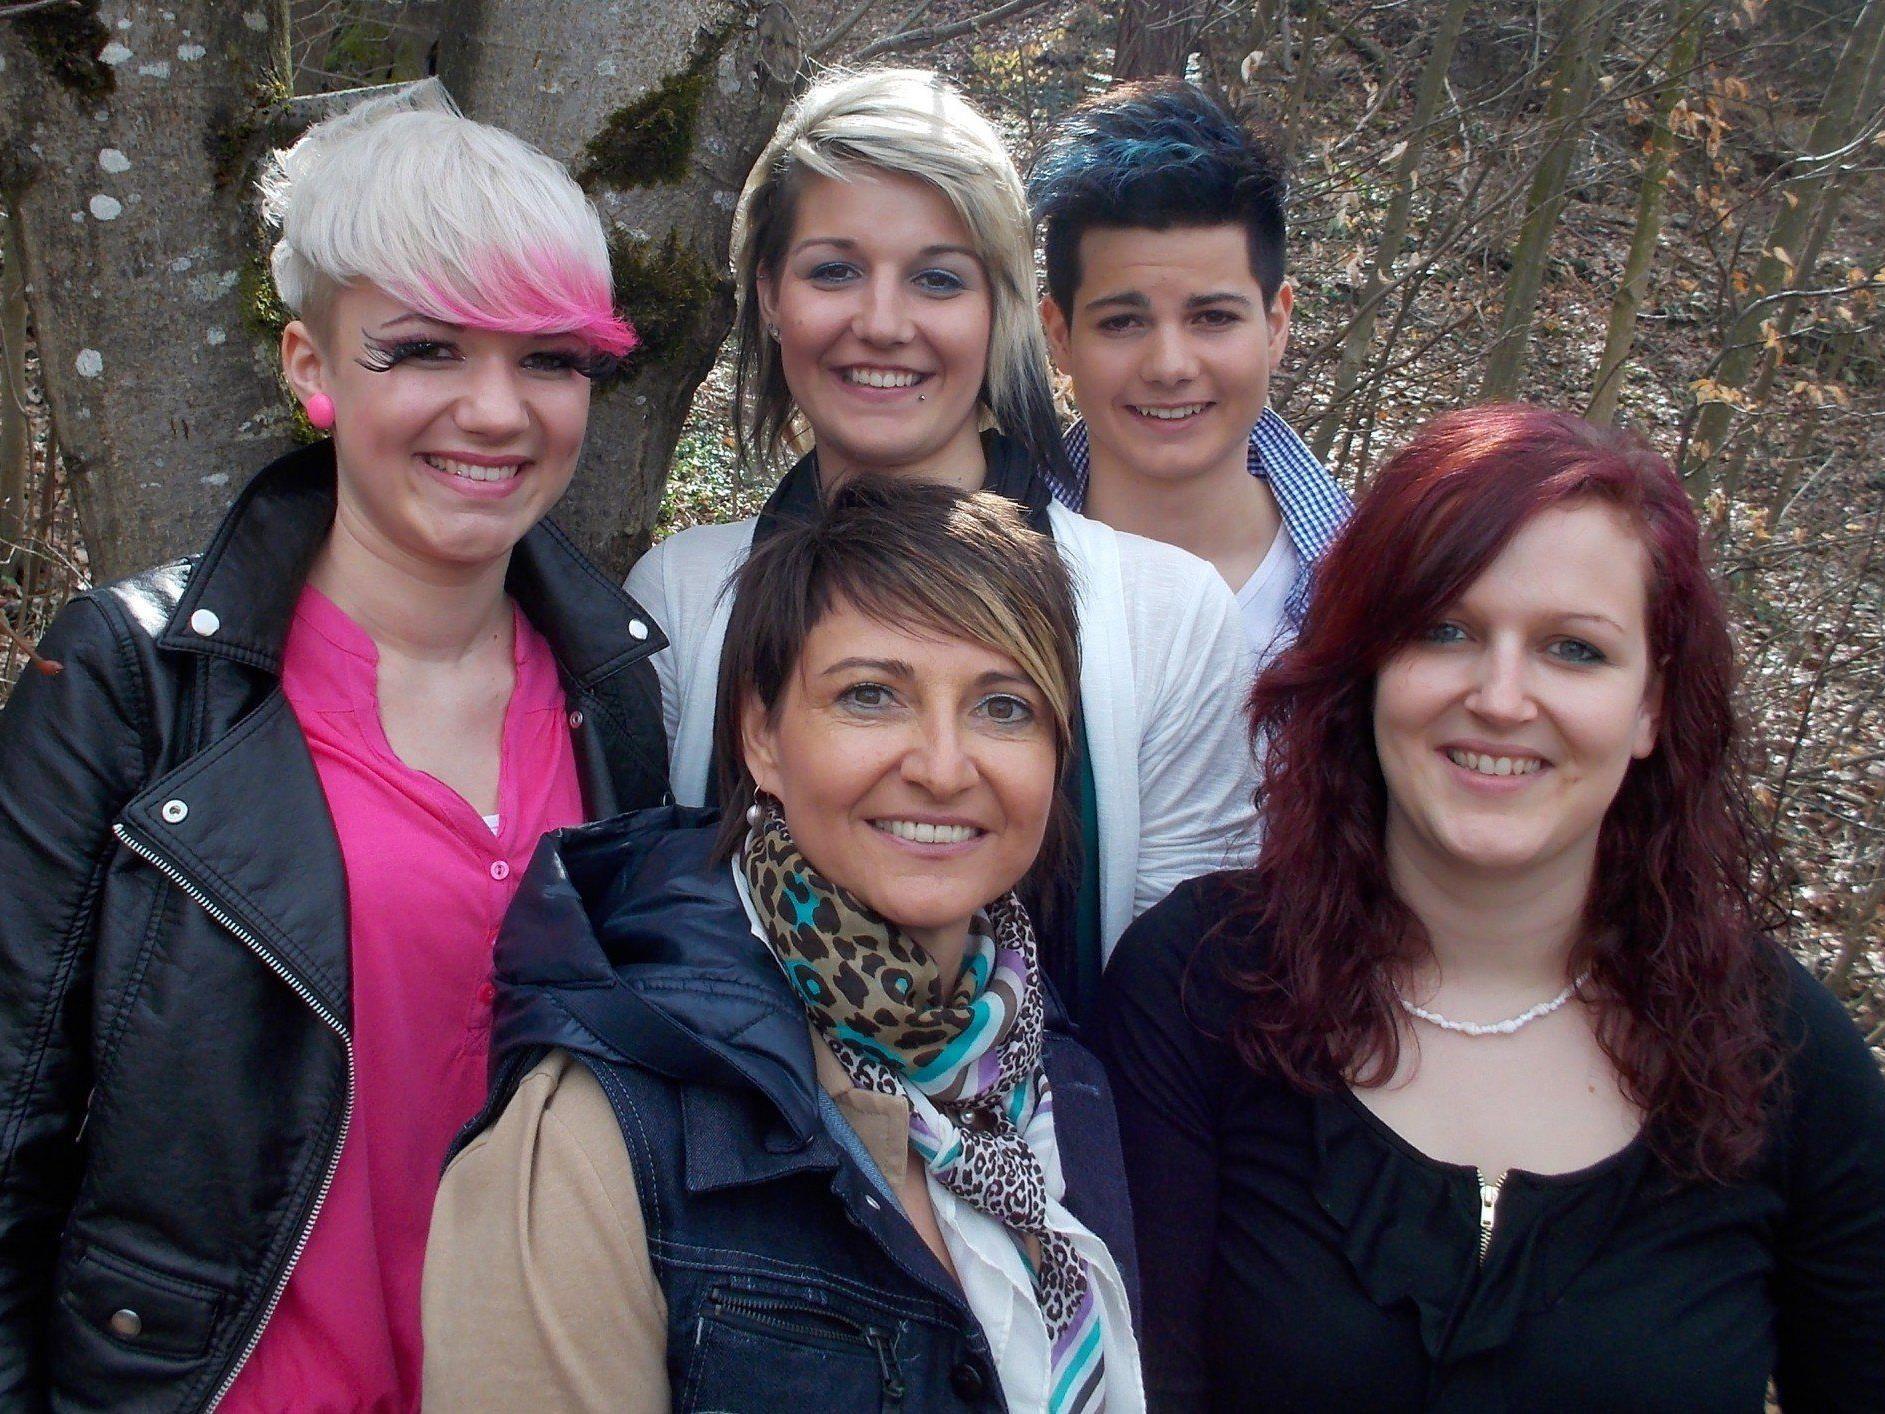 Chefin Margit (vorne Mitte), Janette, Jacquline Vigl (Mitte hinten) und die beiden Models.